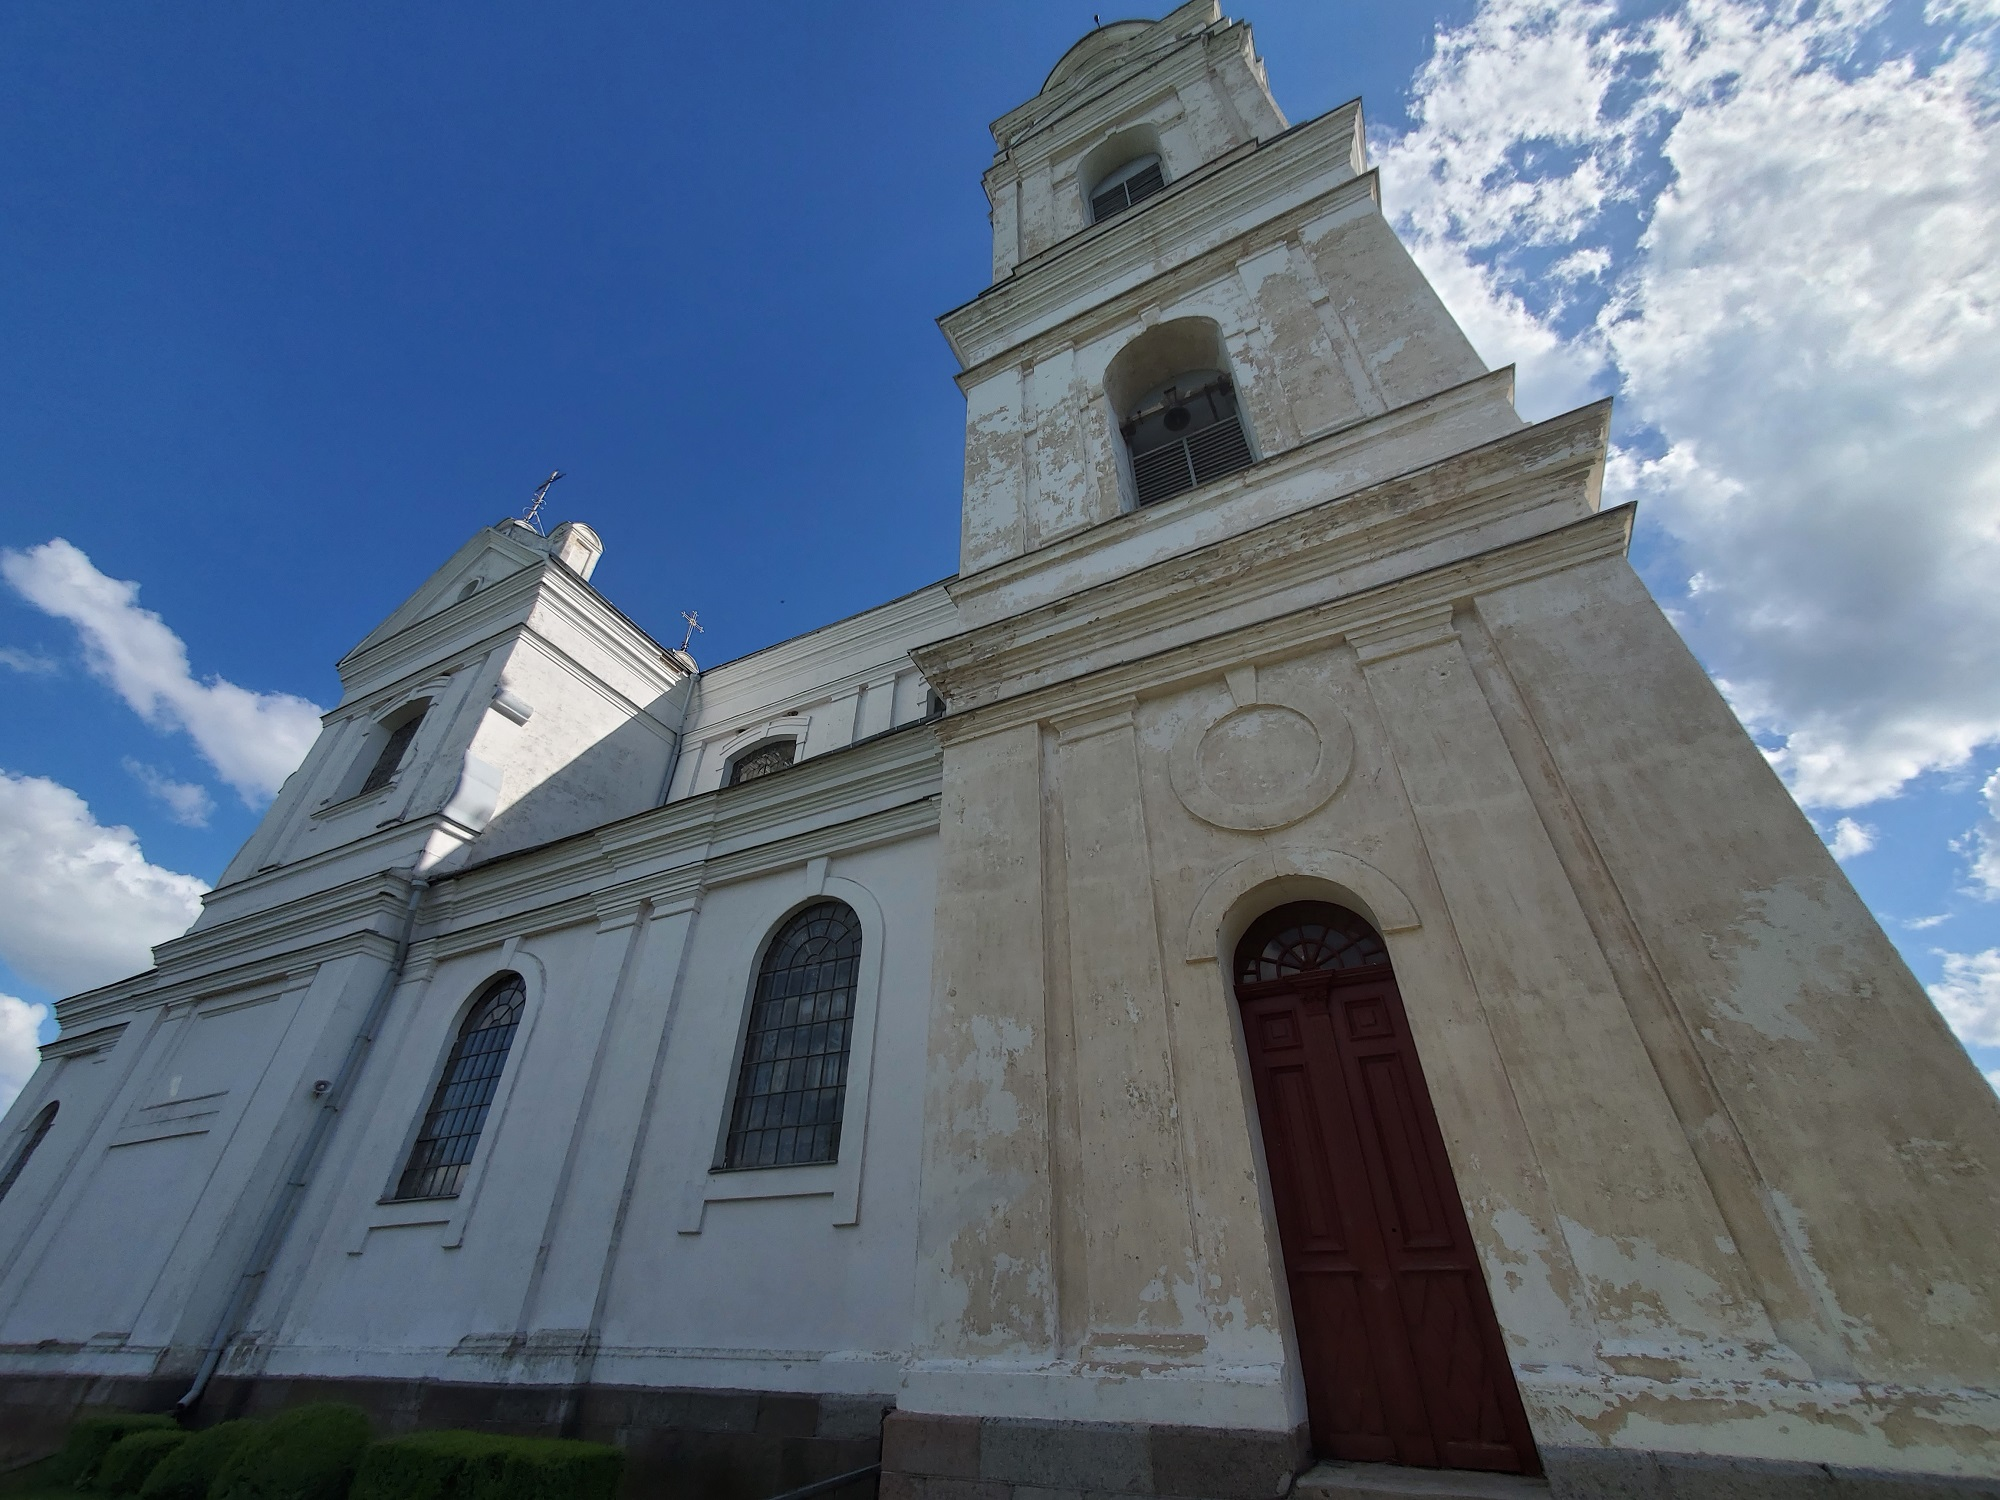 20200606 164833 - Костел Пресвятой Девы Марии в деревне Парафьяново